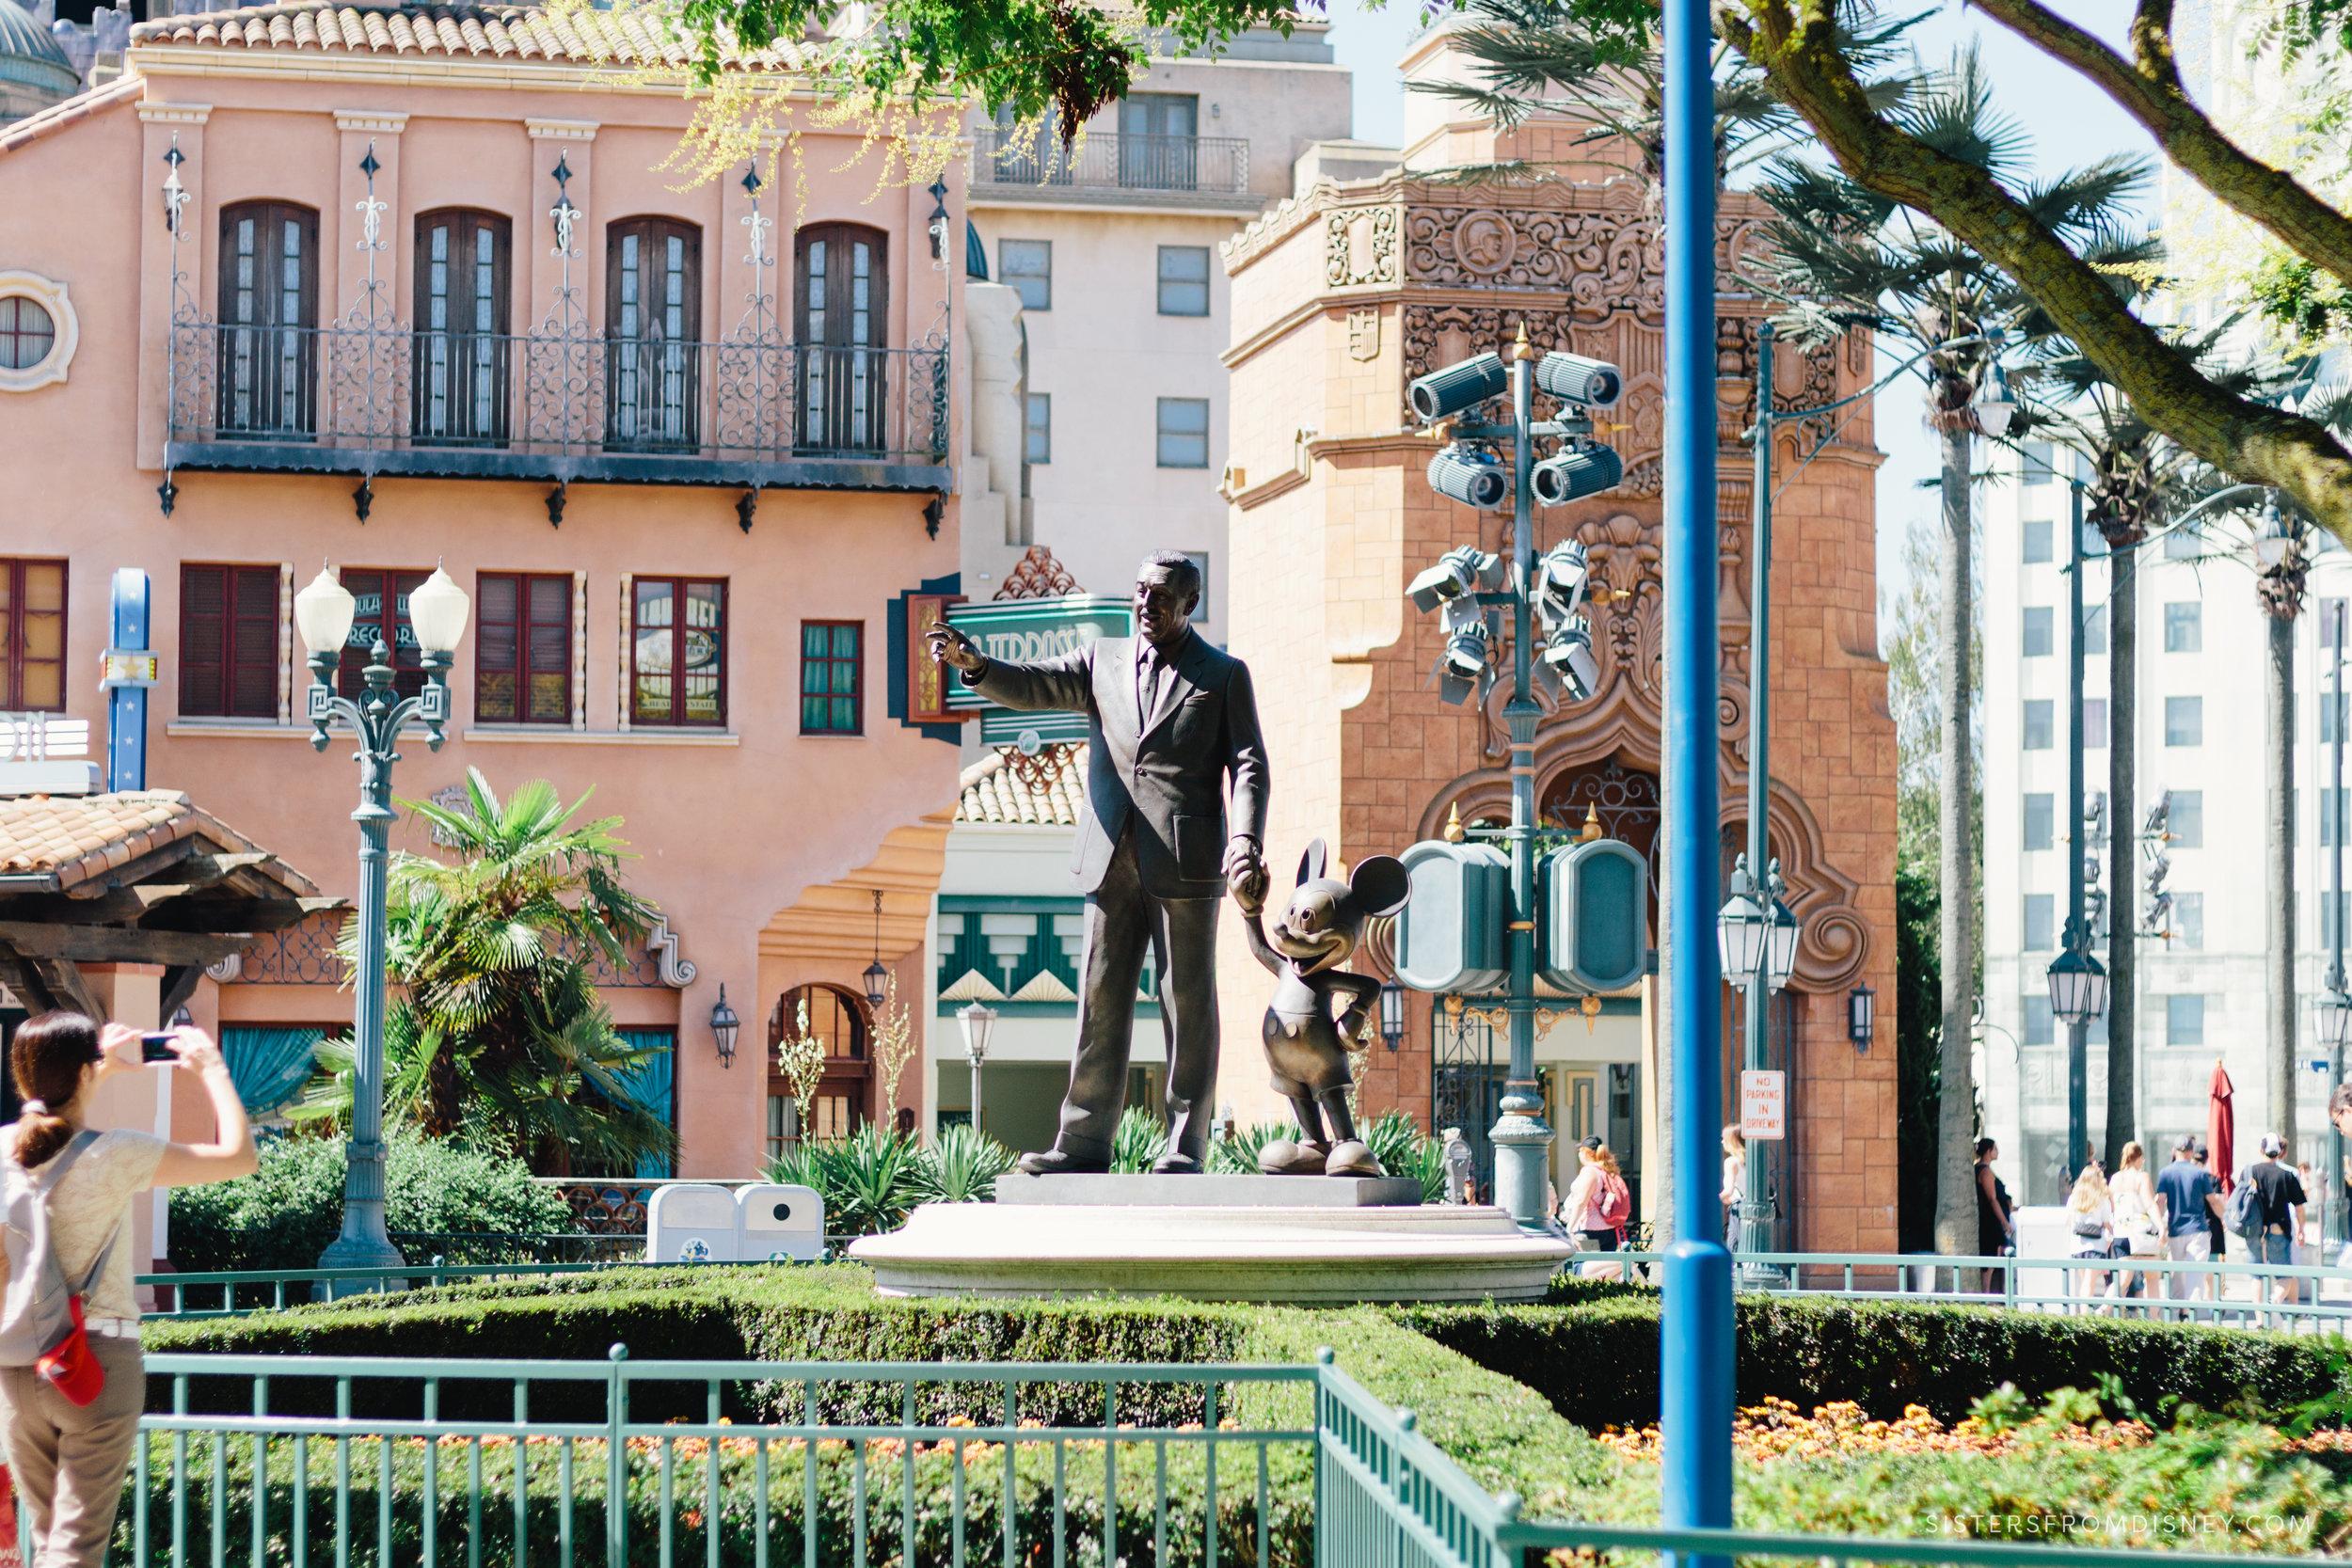 2018June_SFDblog_DisneylandParis_Watermark-3133.jpg